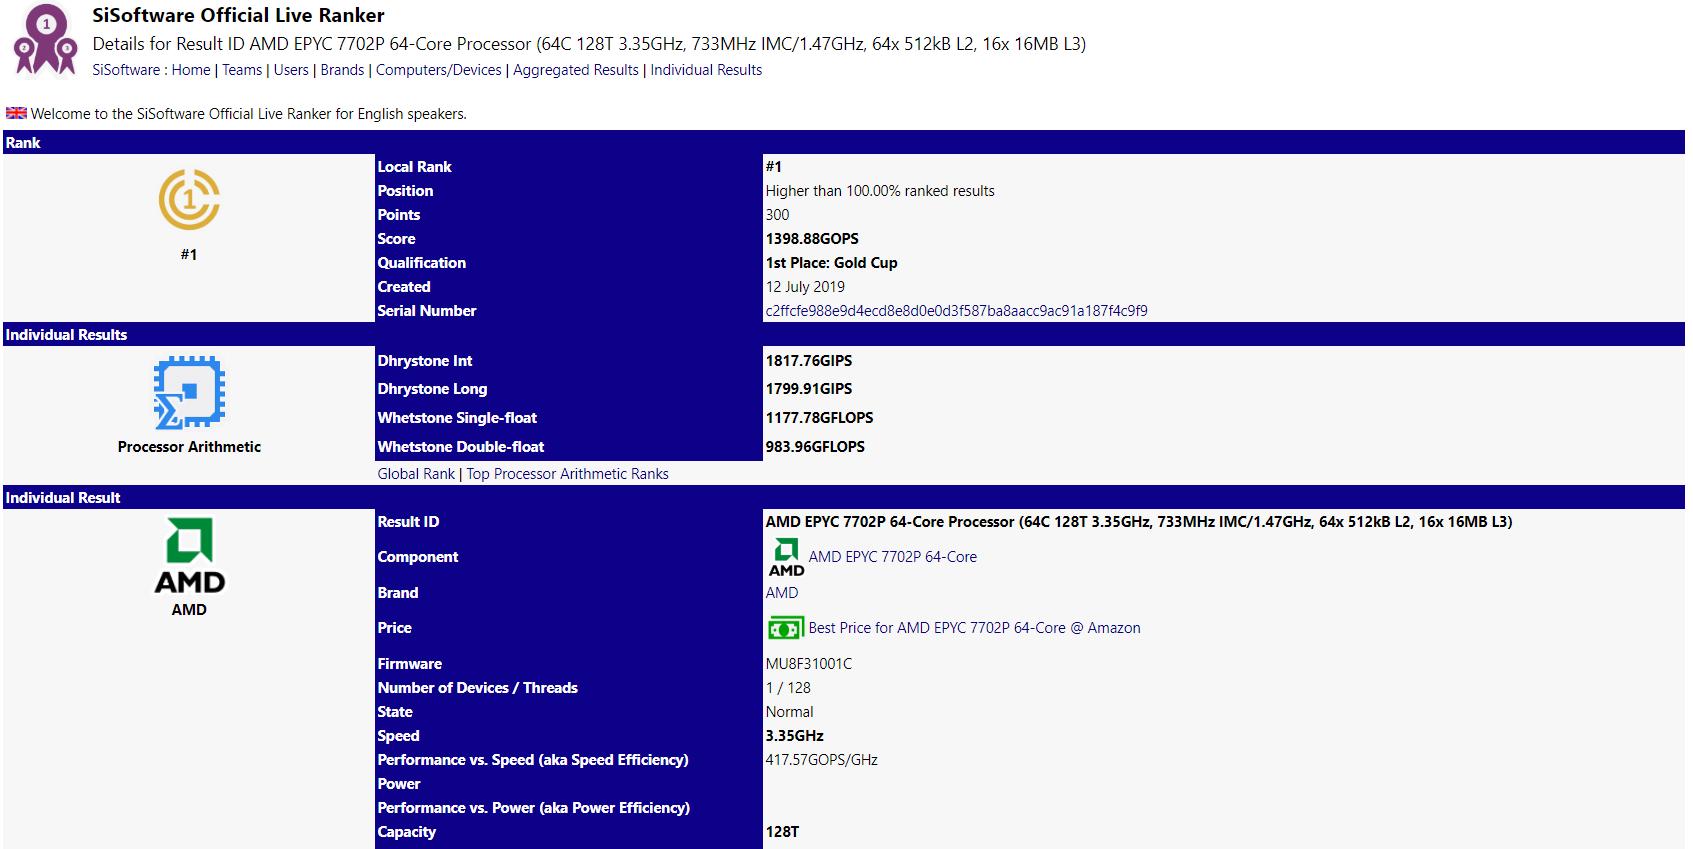 پردازنده AMD EPYC 7702P در صدر رنکینگ SiSoftware